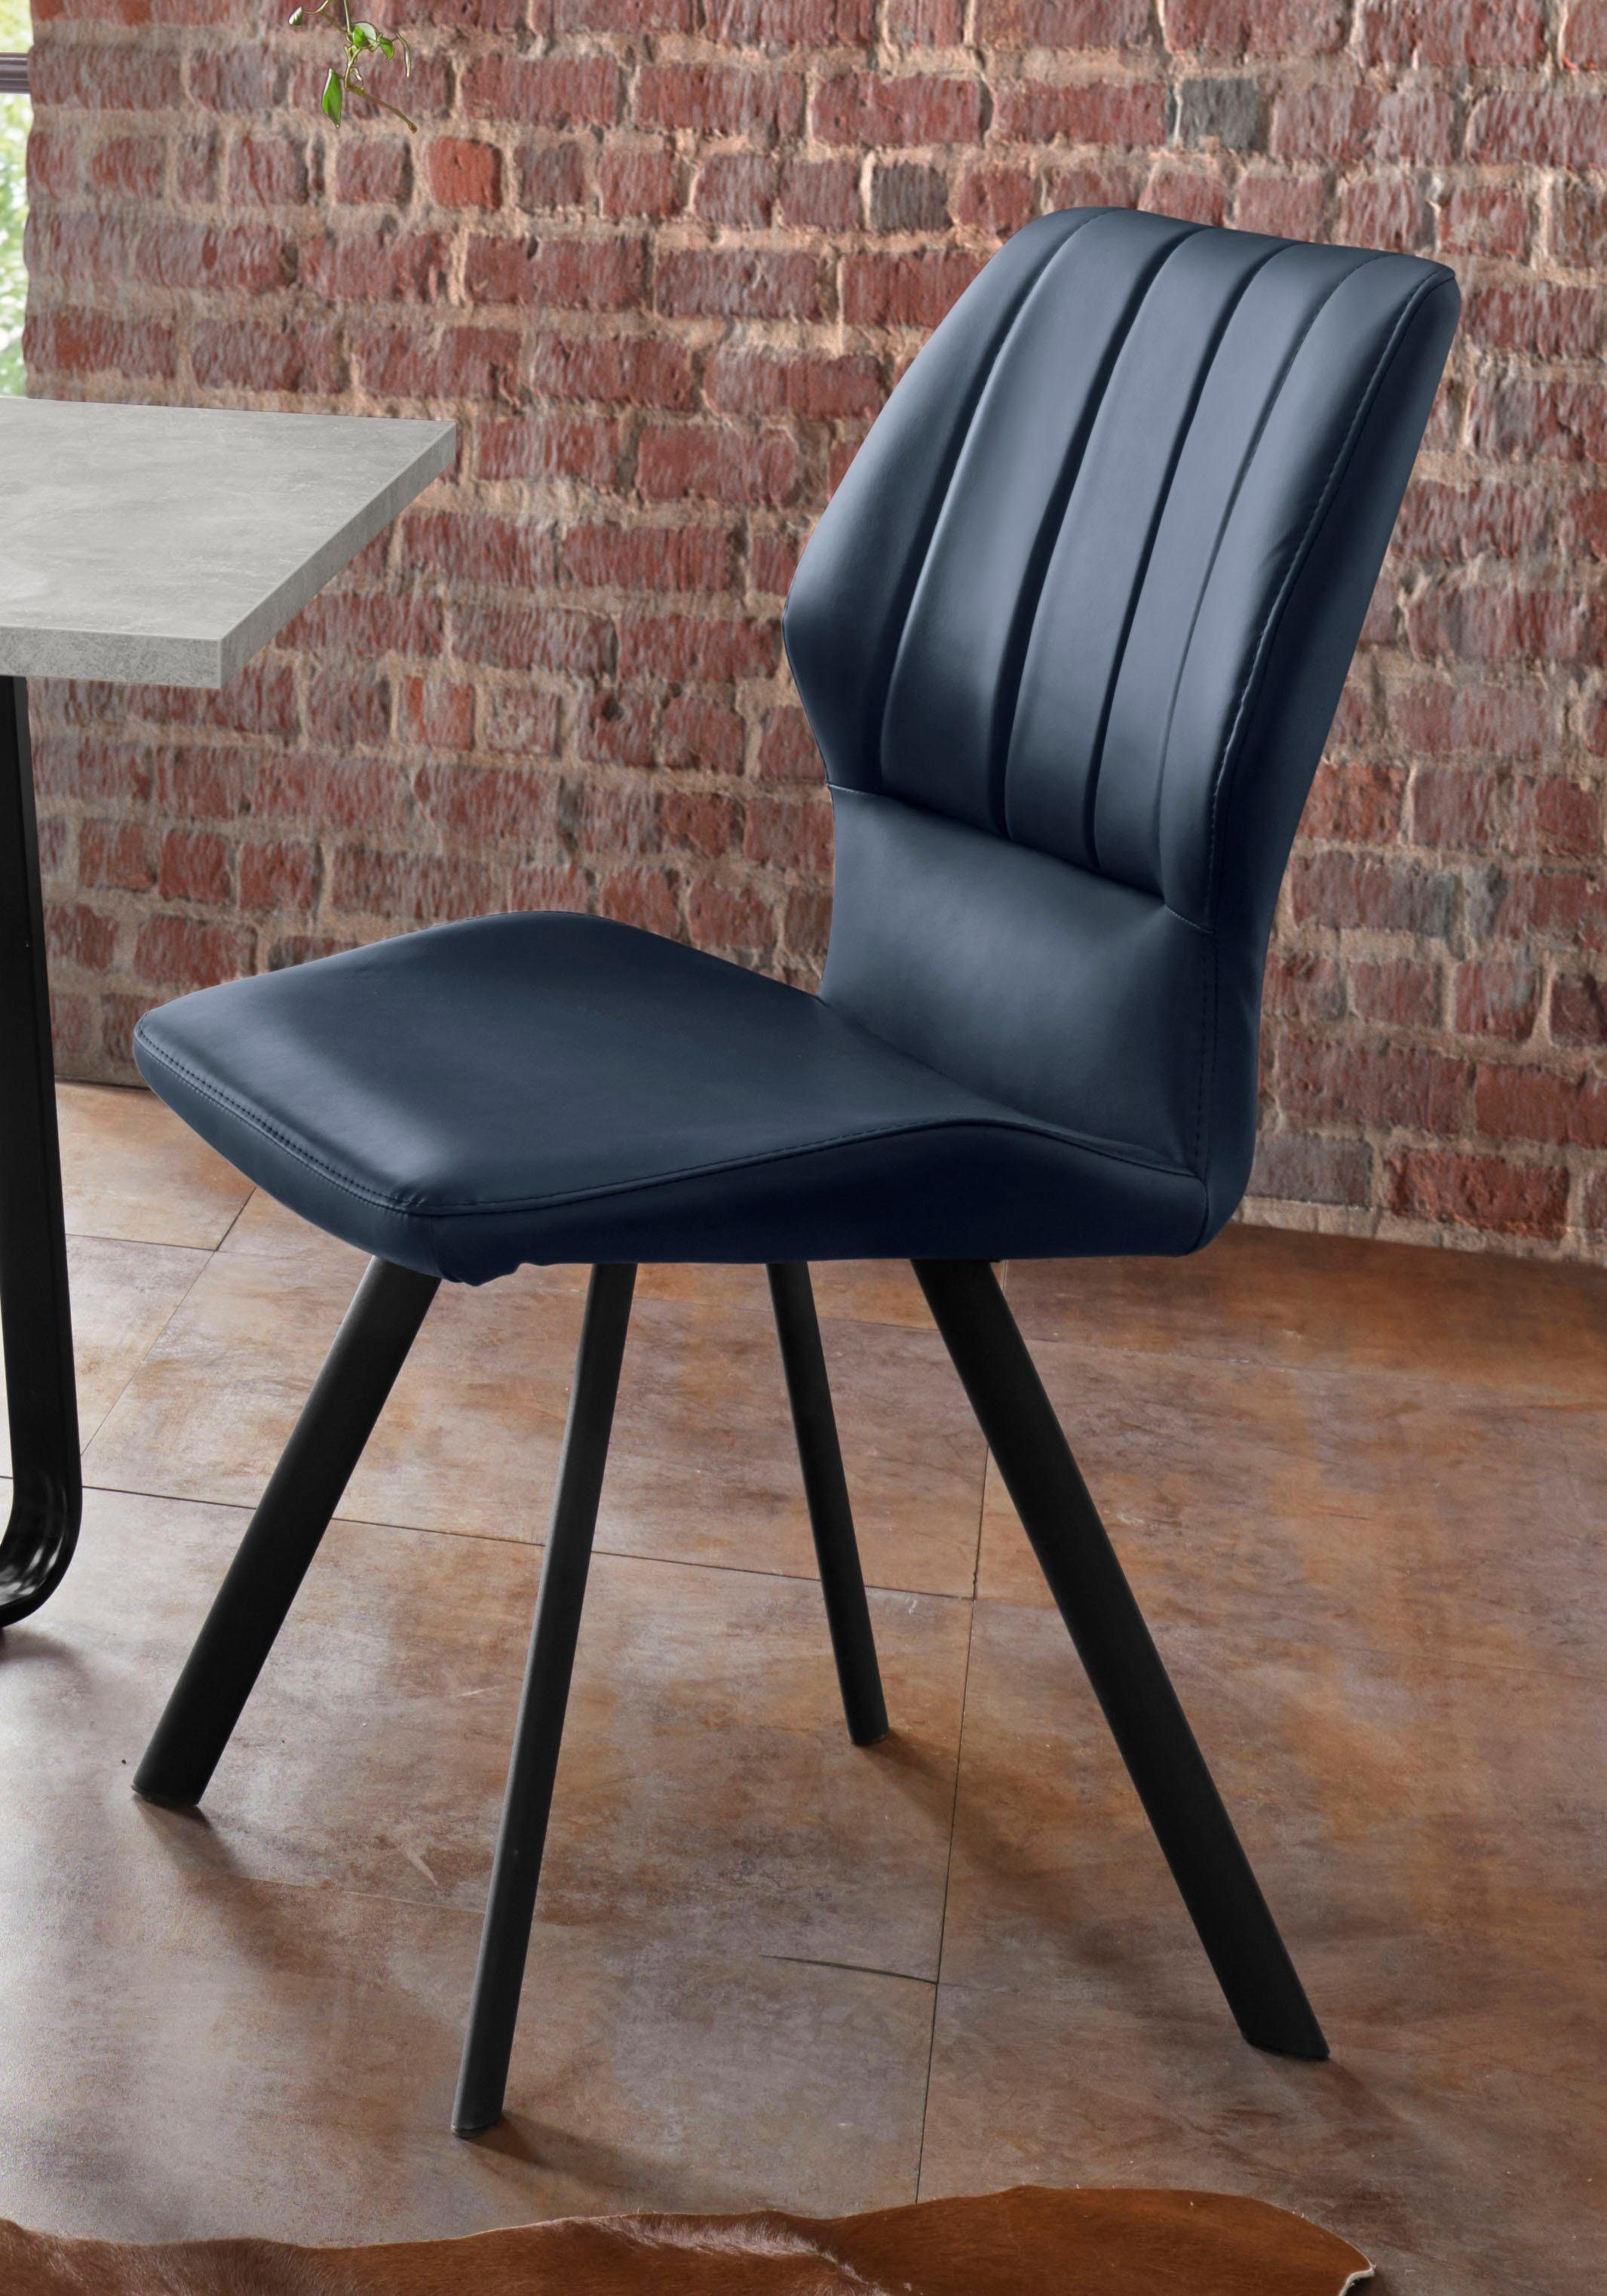 Homexperts 4 Fußstuhl »Lisa«, Sitz und Rücken gepolstert online kaufen | OTTO